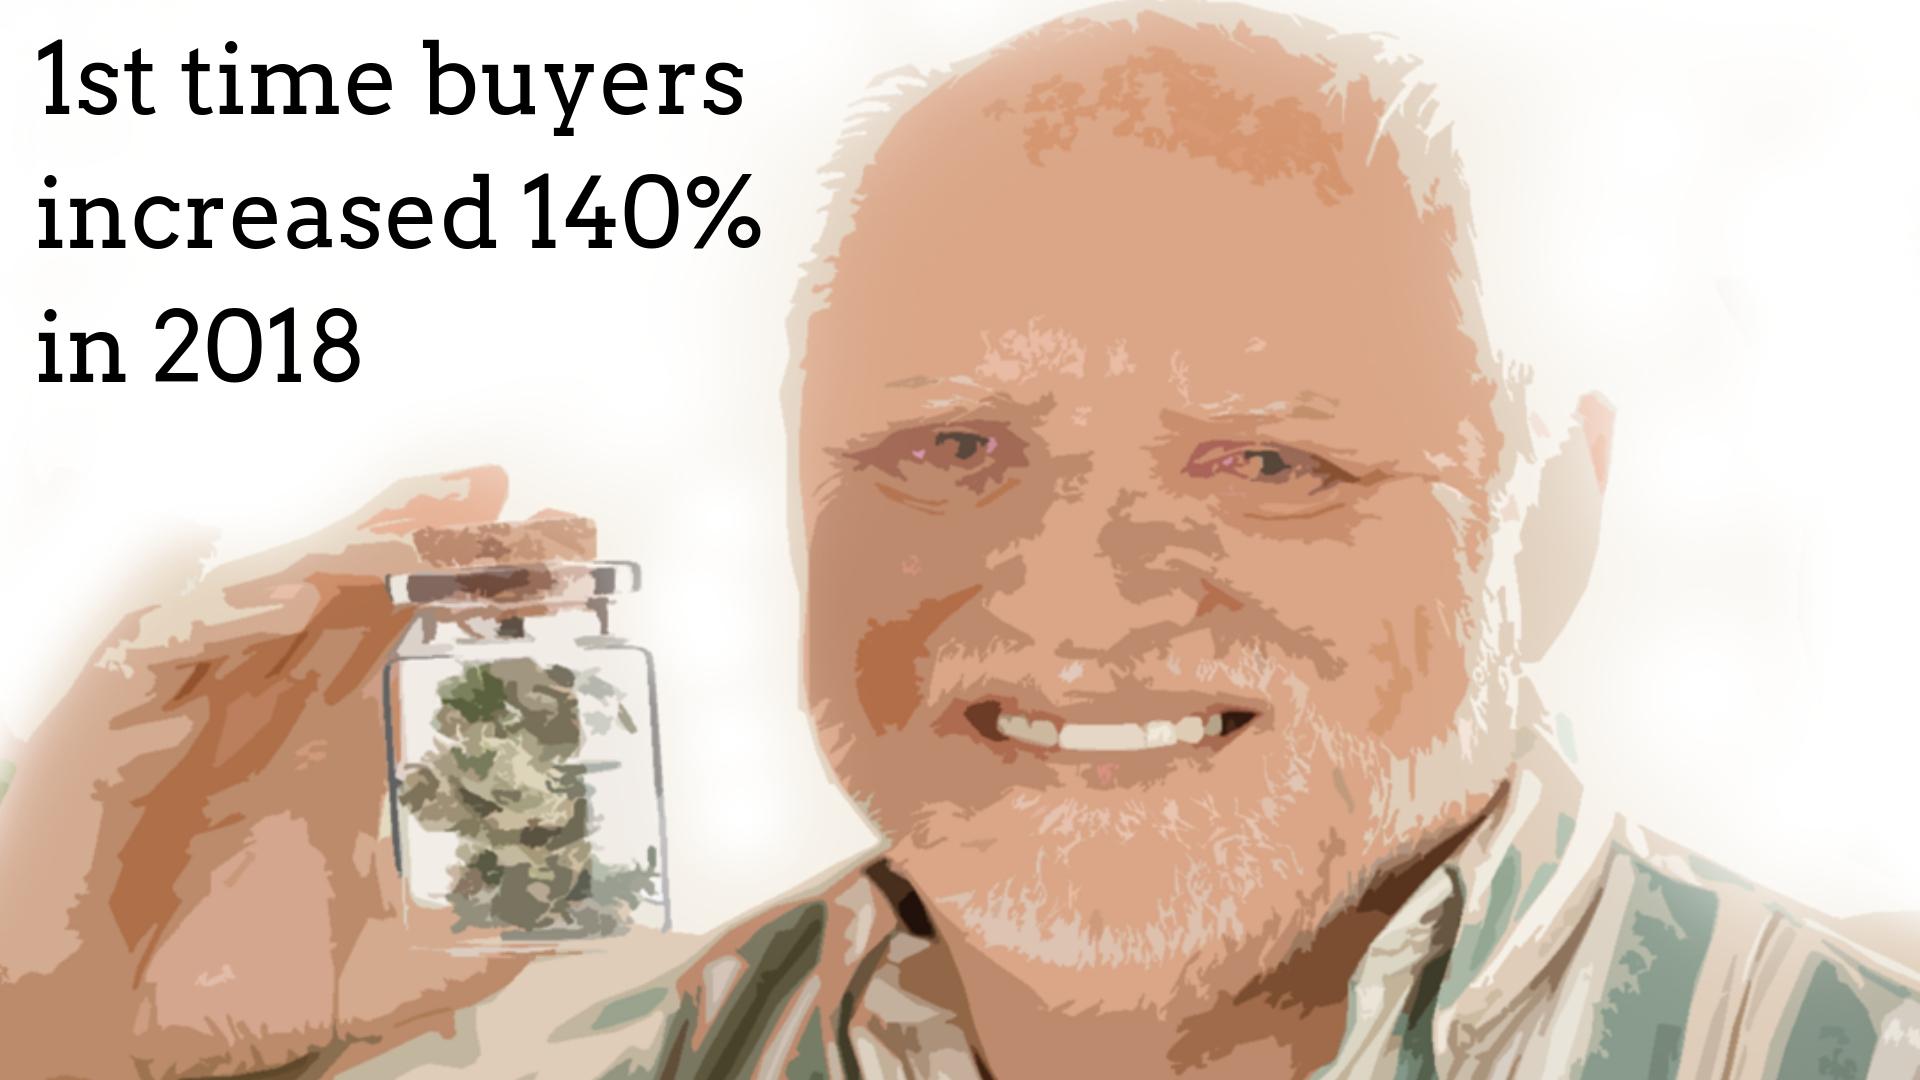 1st time buyers increased 140% in 2018.jpg